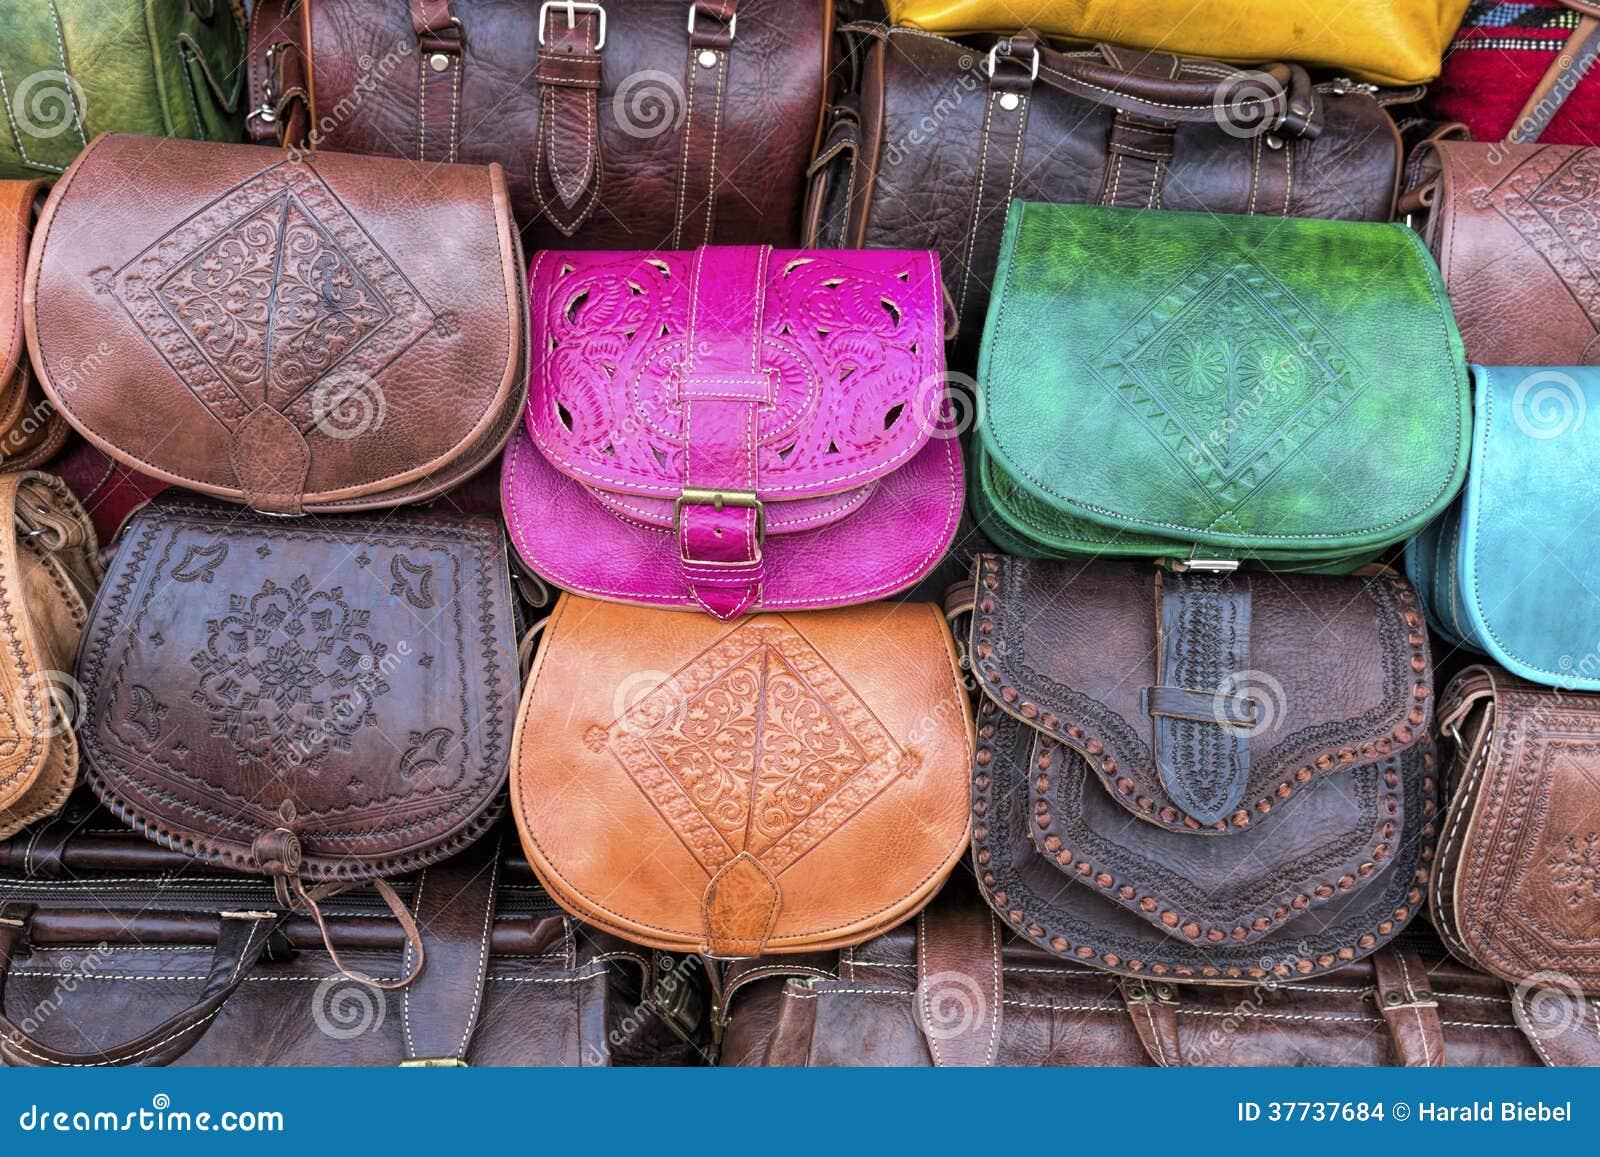 Borse Fatte A Mano Immagini : Borse di cuoio fatte a mano marocco fotografia stock